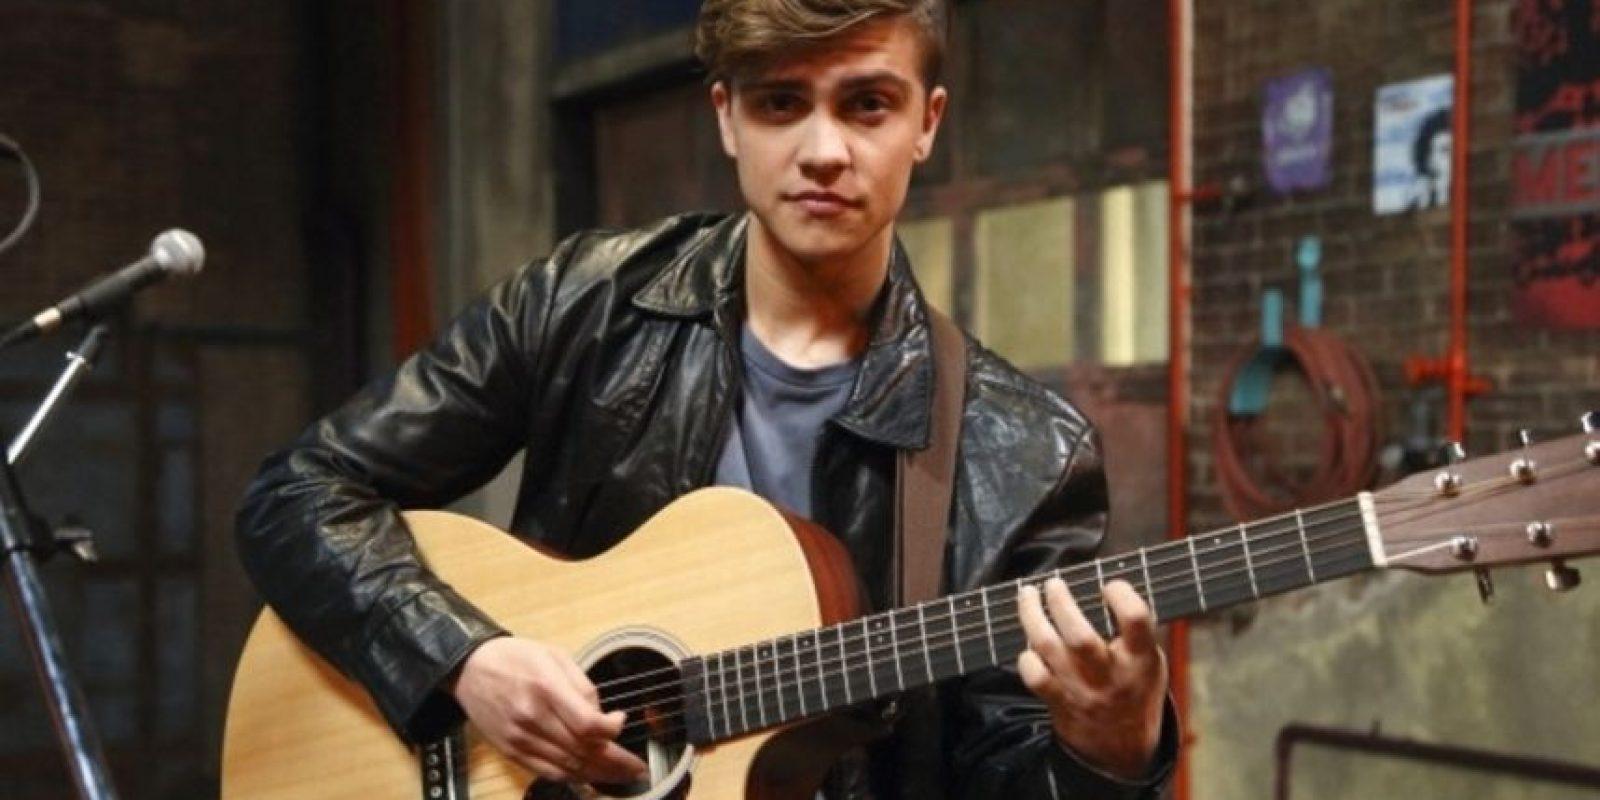 Un grupo de talentosos artistas dentro de un programa de música muy exclusivo esperan convertir su pasión en una profesión. Foto:Netflix